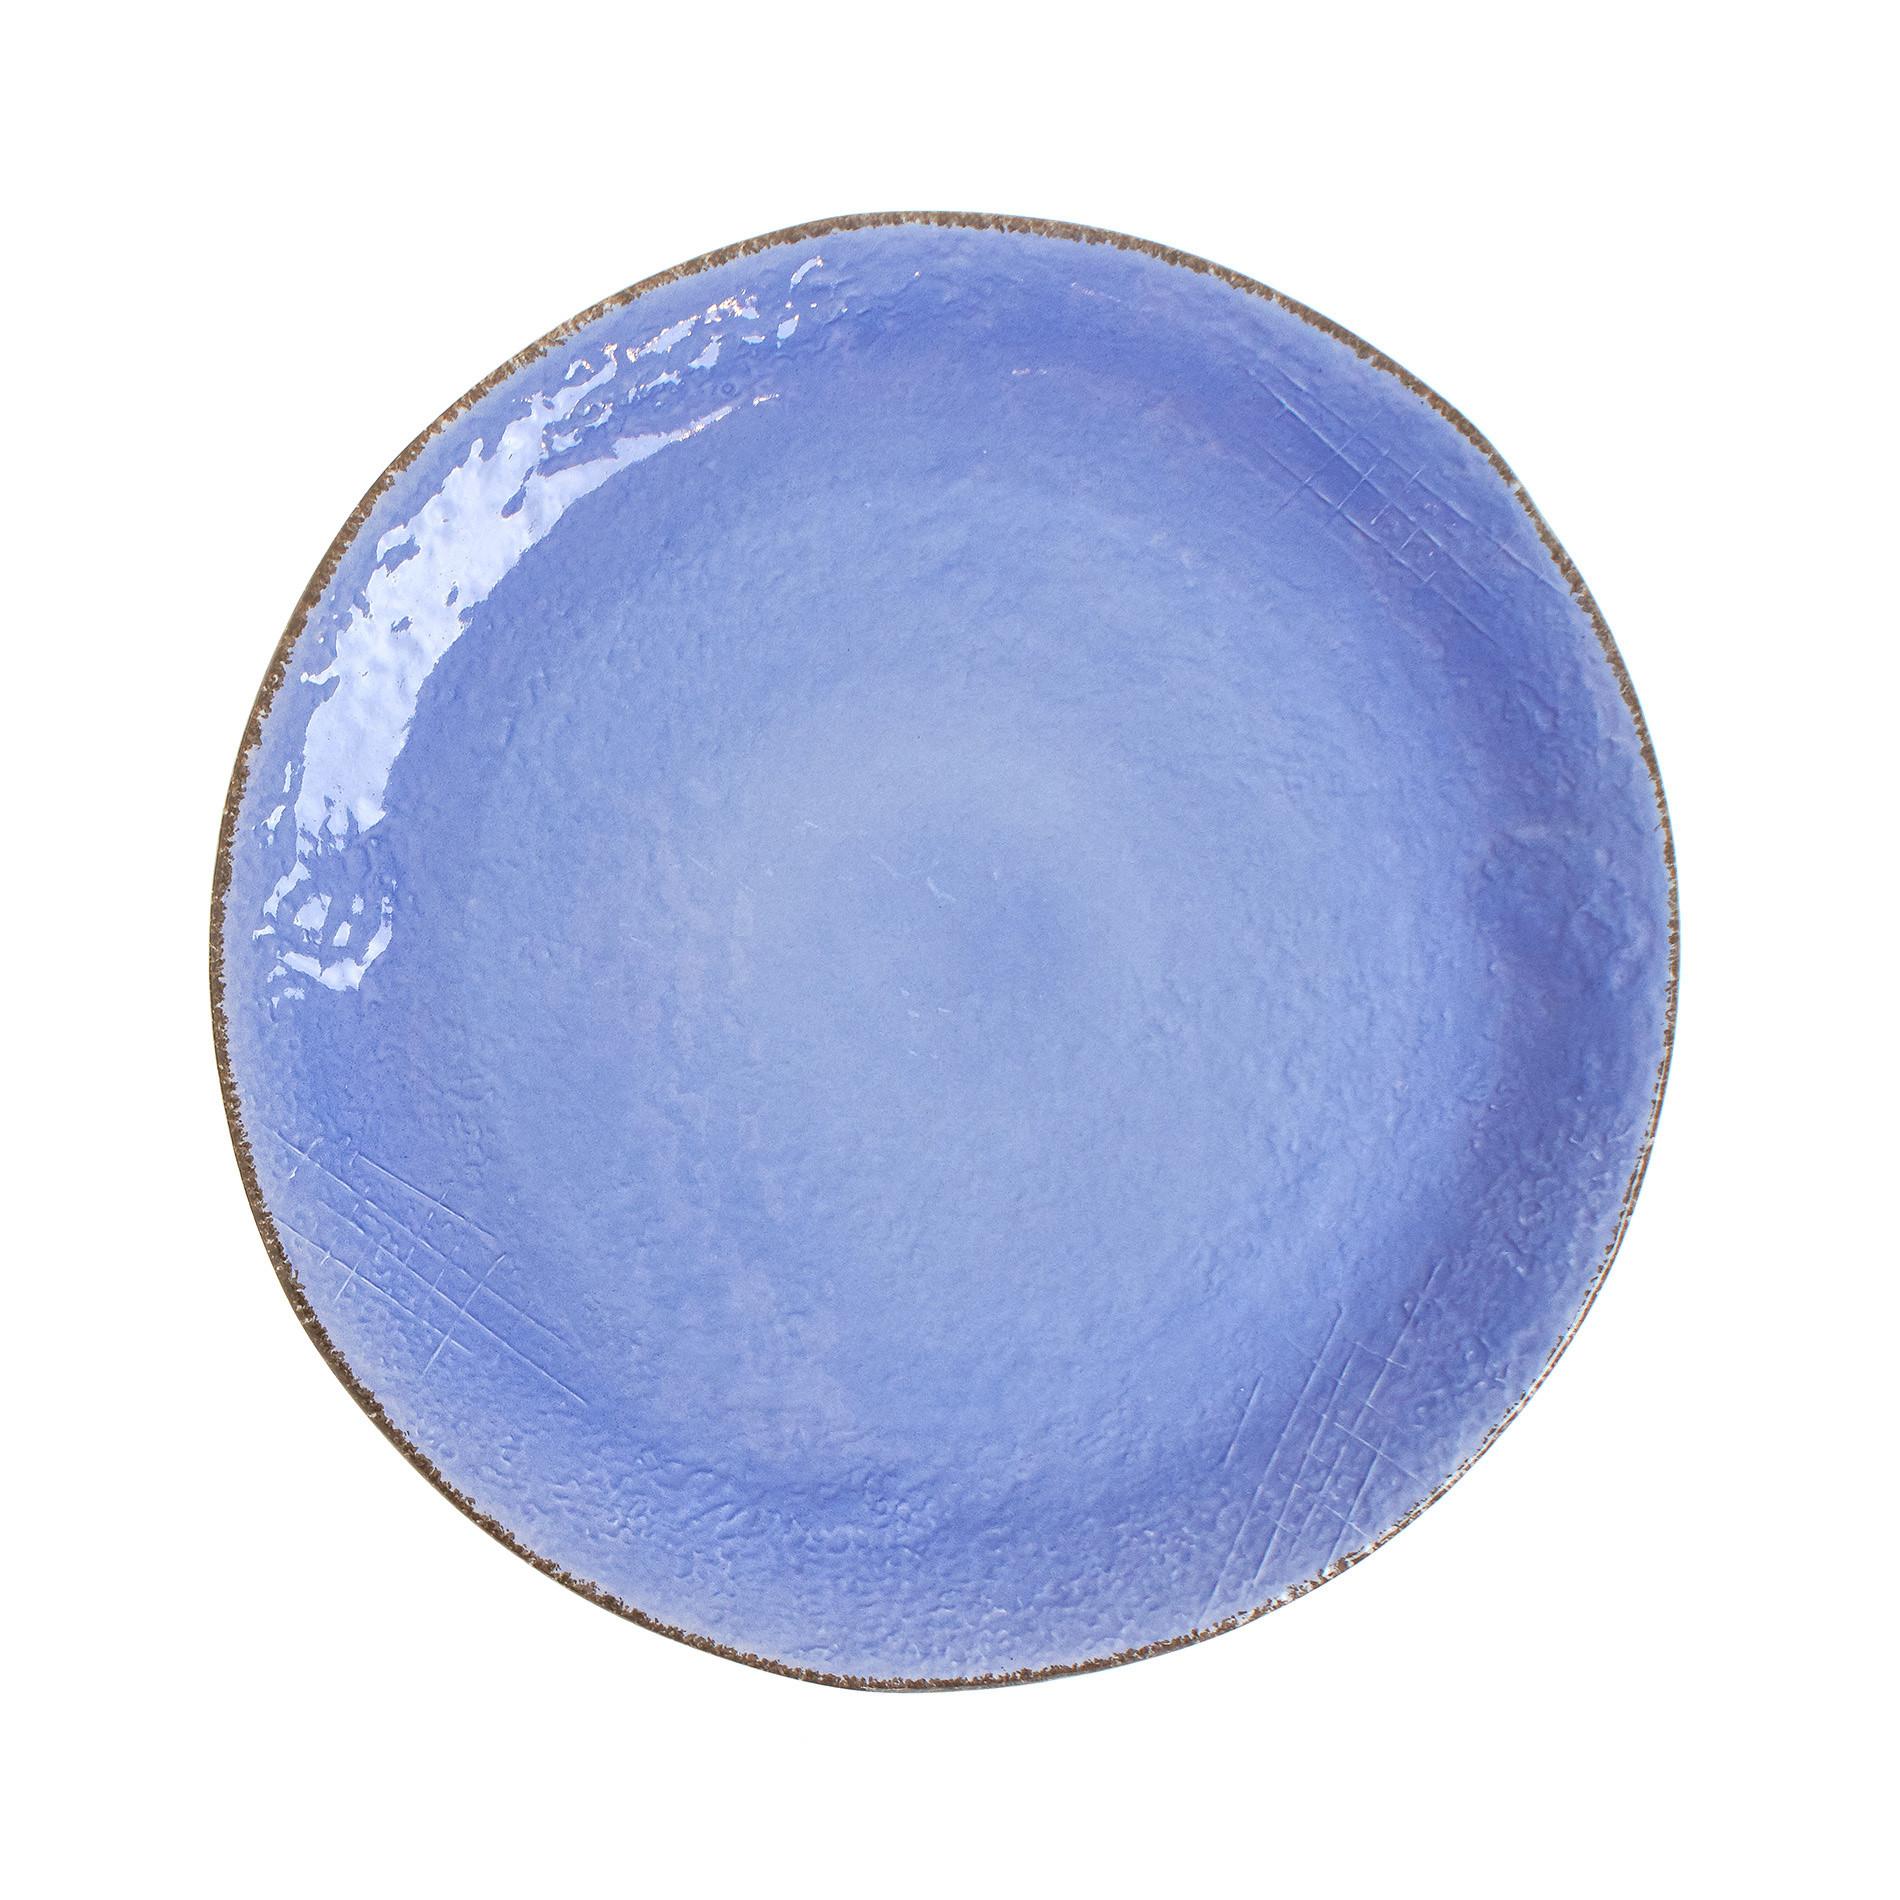 Piatto da portata ceramica artigianale Preta, Azzurro, large image number 0